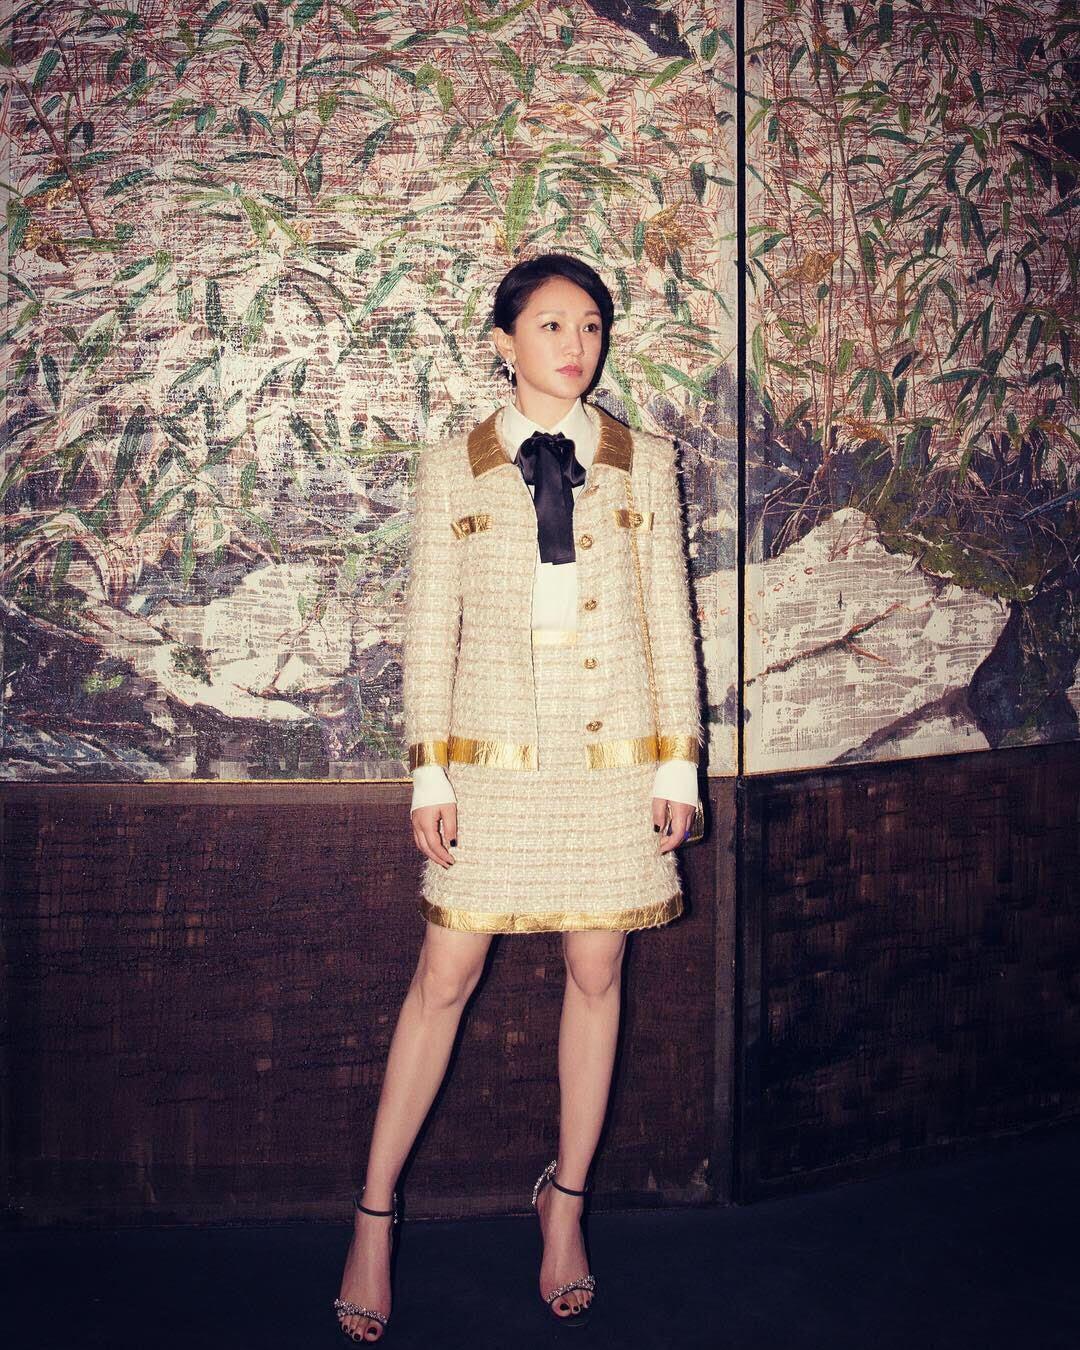 周迅也穿香奈兒2018/19巴黎-紐約工坊系列服裝。圖/香奈兒提供